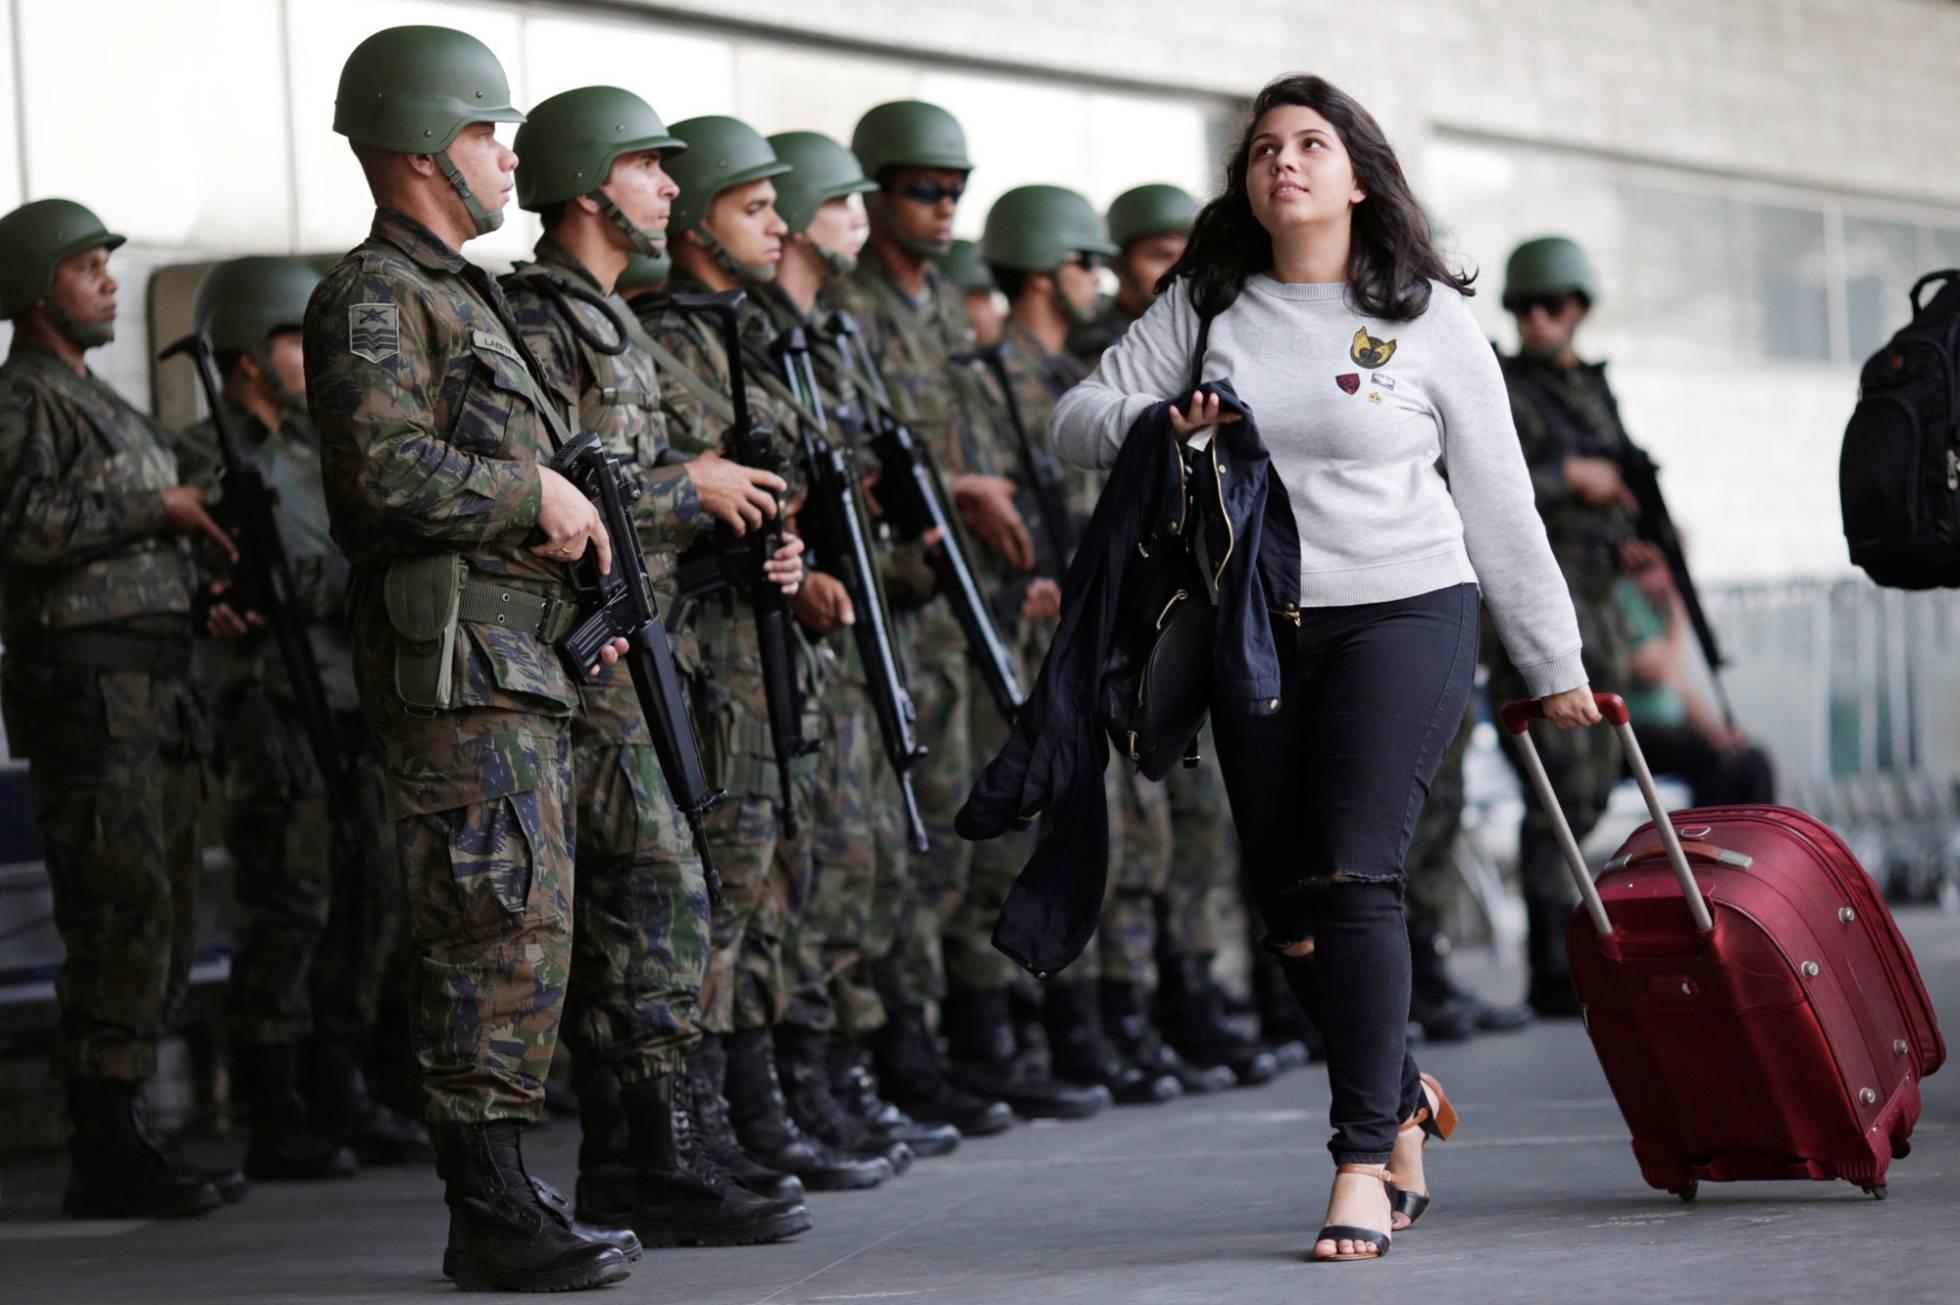 Terrorismo en el Mundo - Página 2 1469111956_366047_1469112691_noticia_normal_recorte1